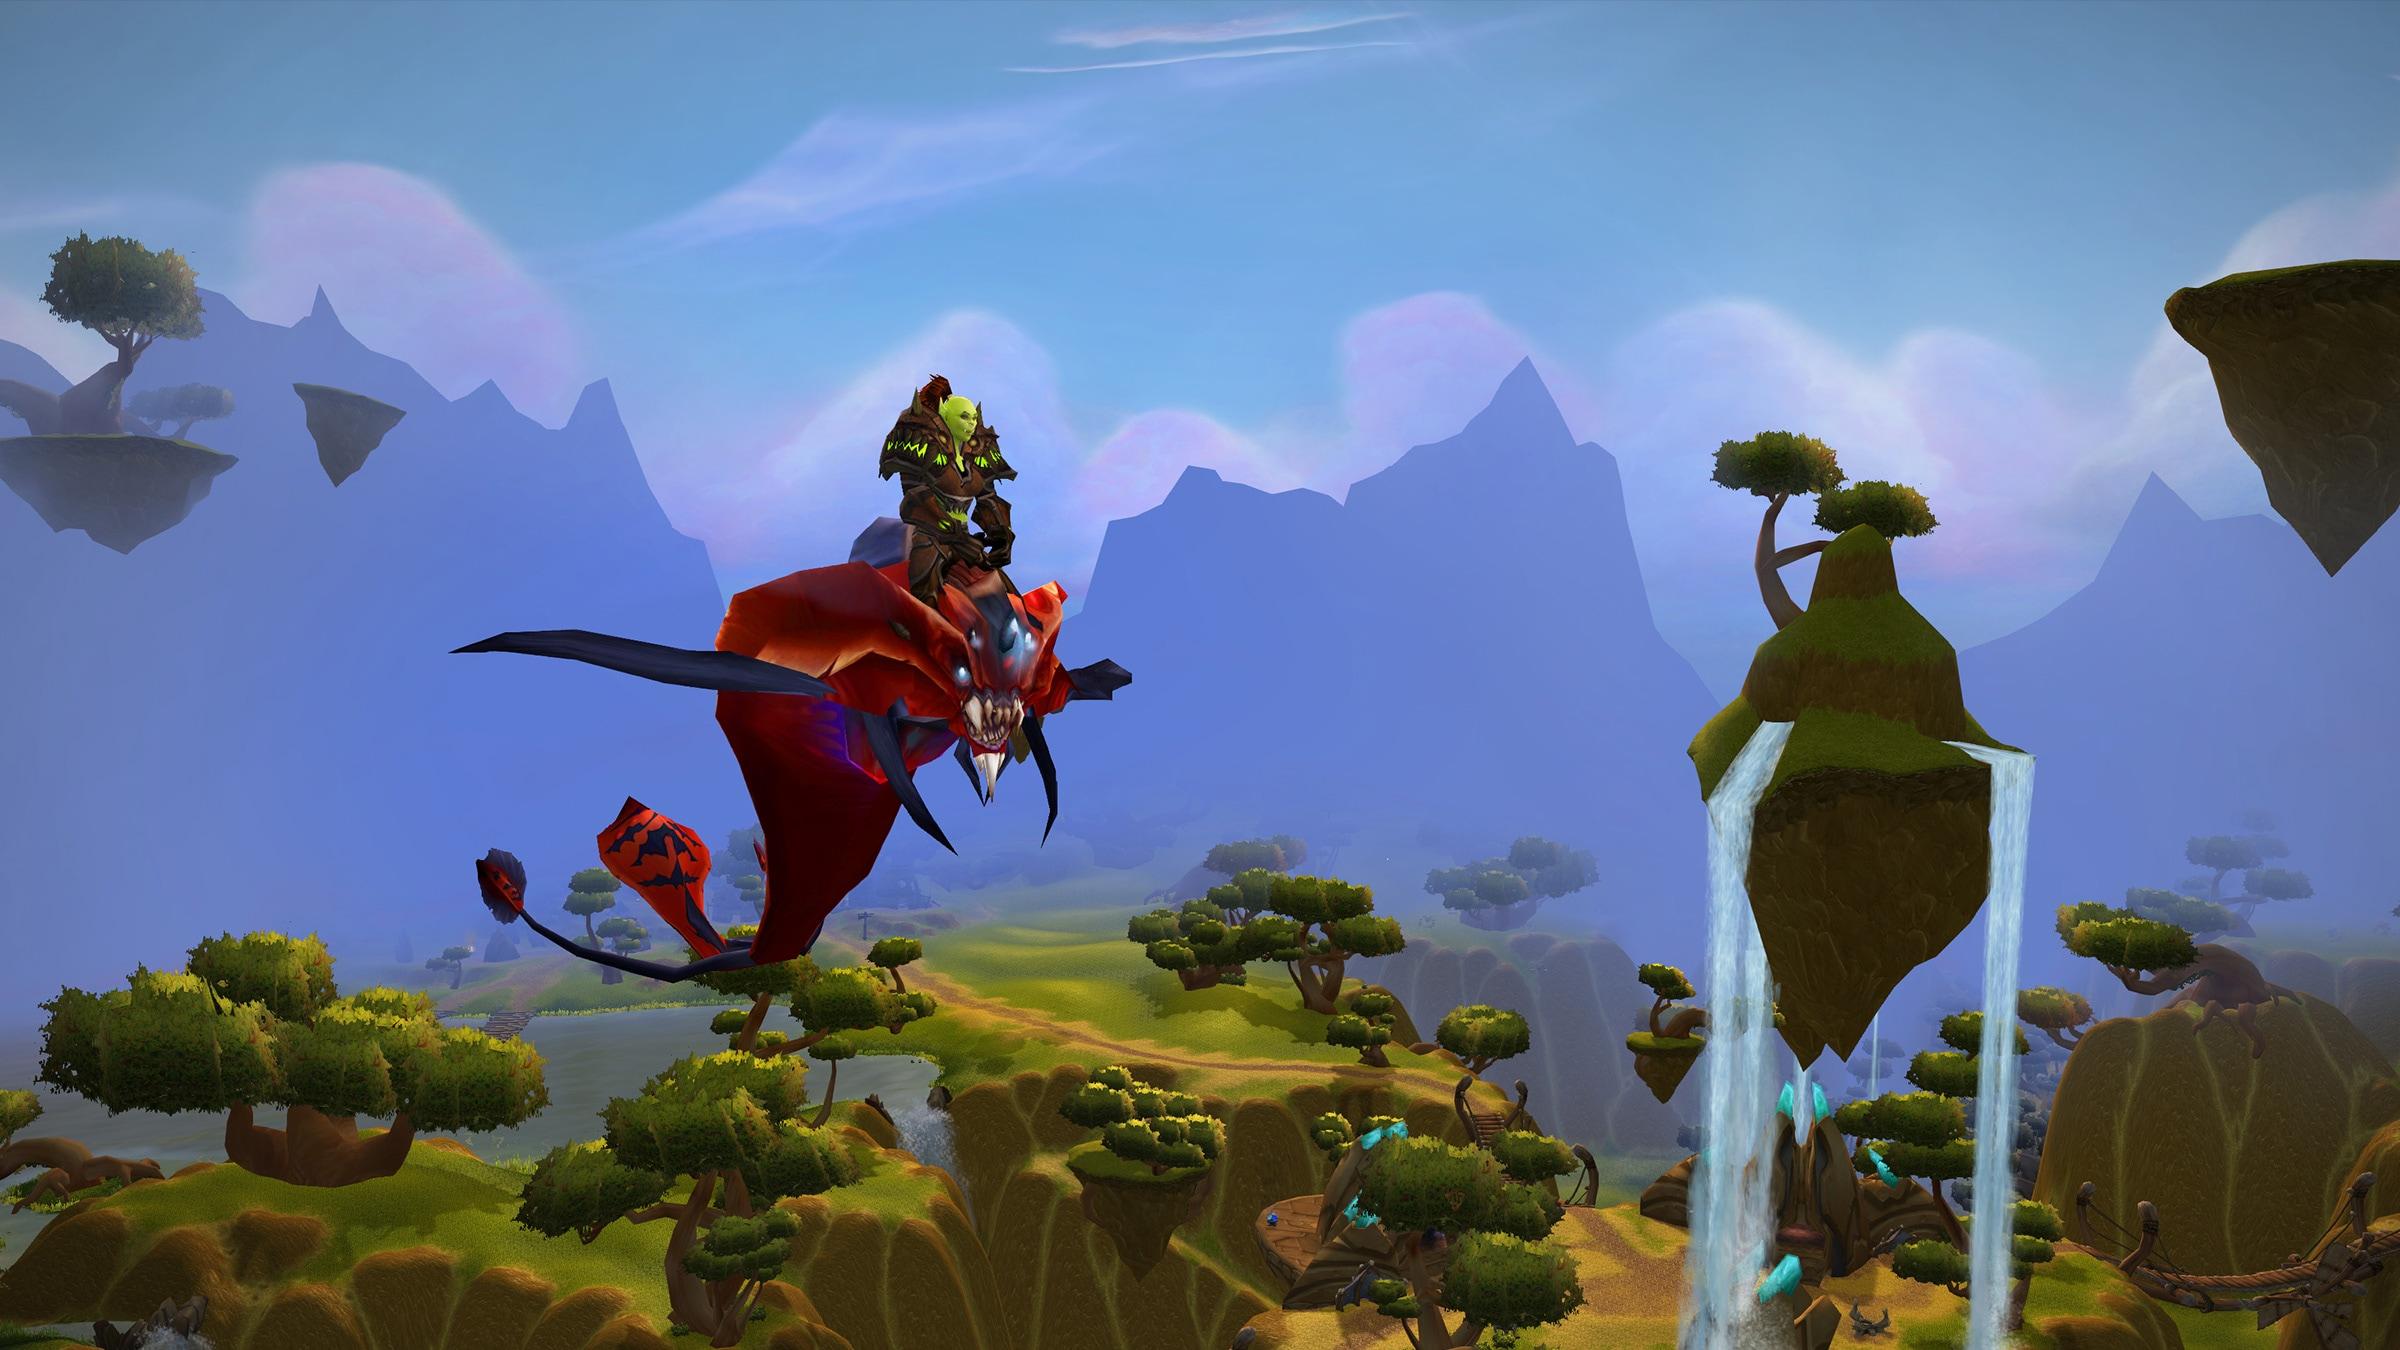 Personajes y reinos de World of Warcraft: Classic y Burning Crusade Classic - Discusión general de WoW Classic - Foros de World of Warcraft